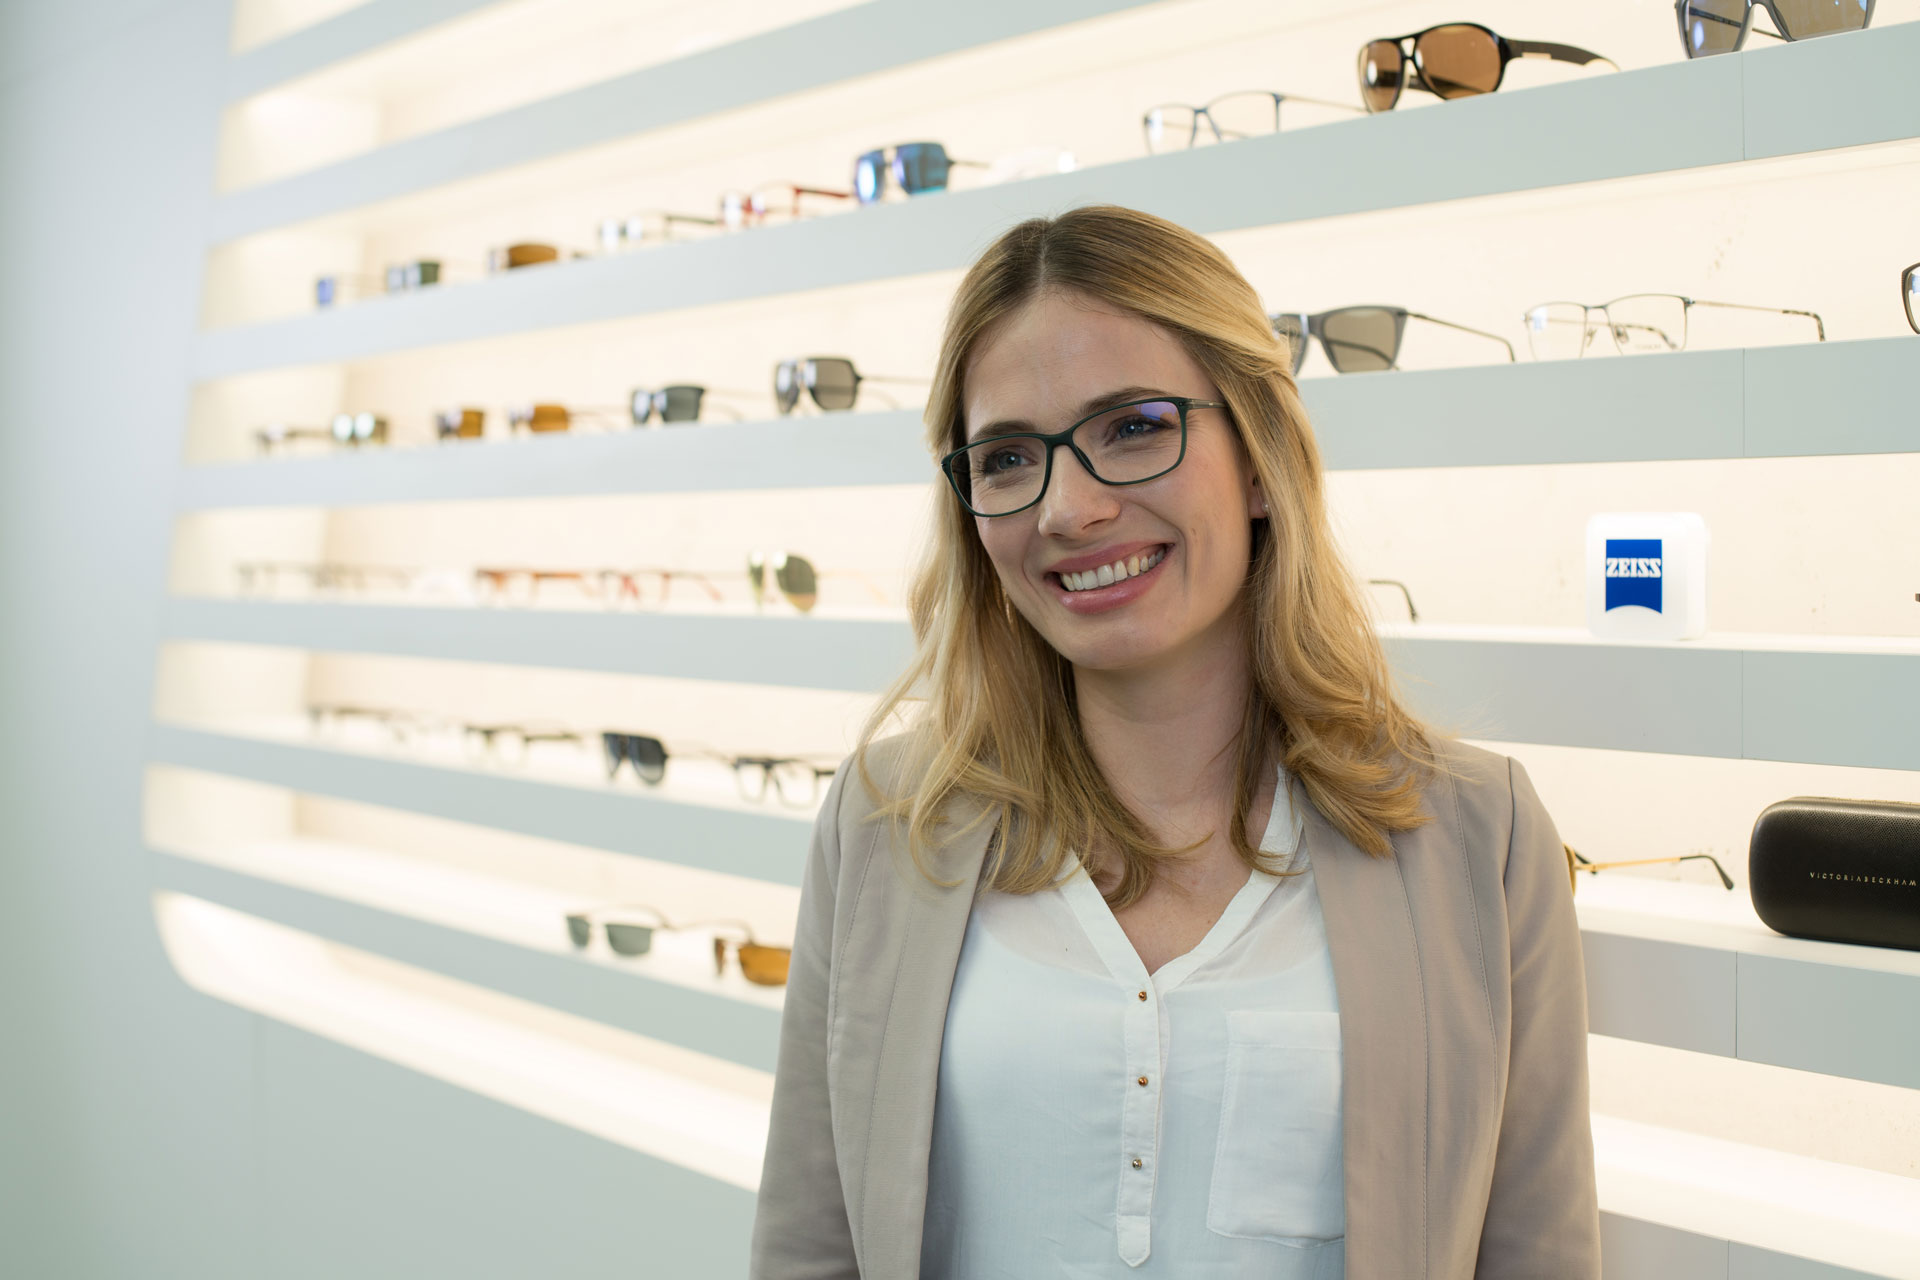 ed3d3eb519b7 Tips til at købe briller  Sådan finder du de rigtige briller